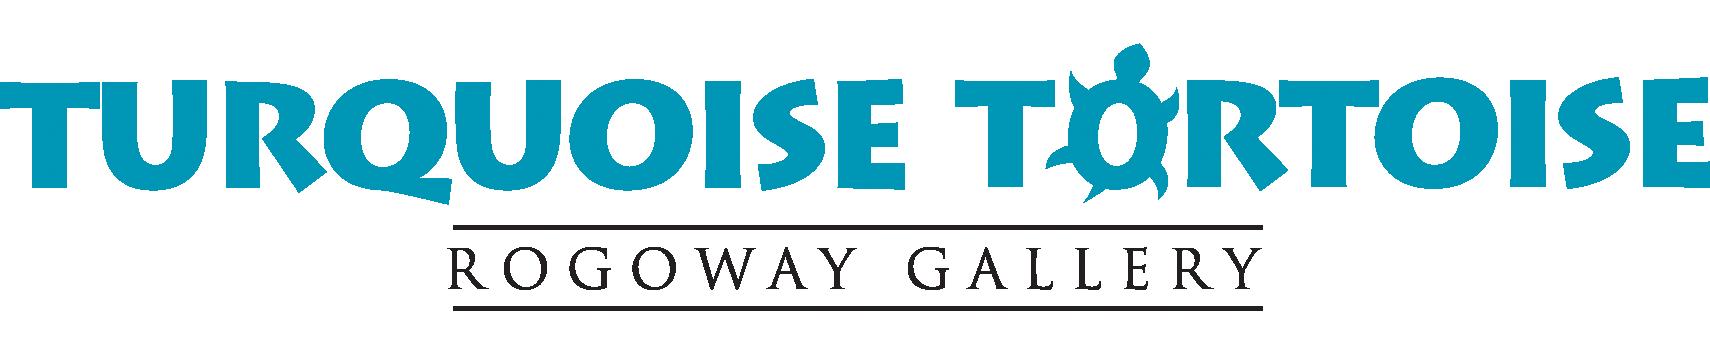 | Rogoway Turquoise Tortoise Gallery | Tubac AZ